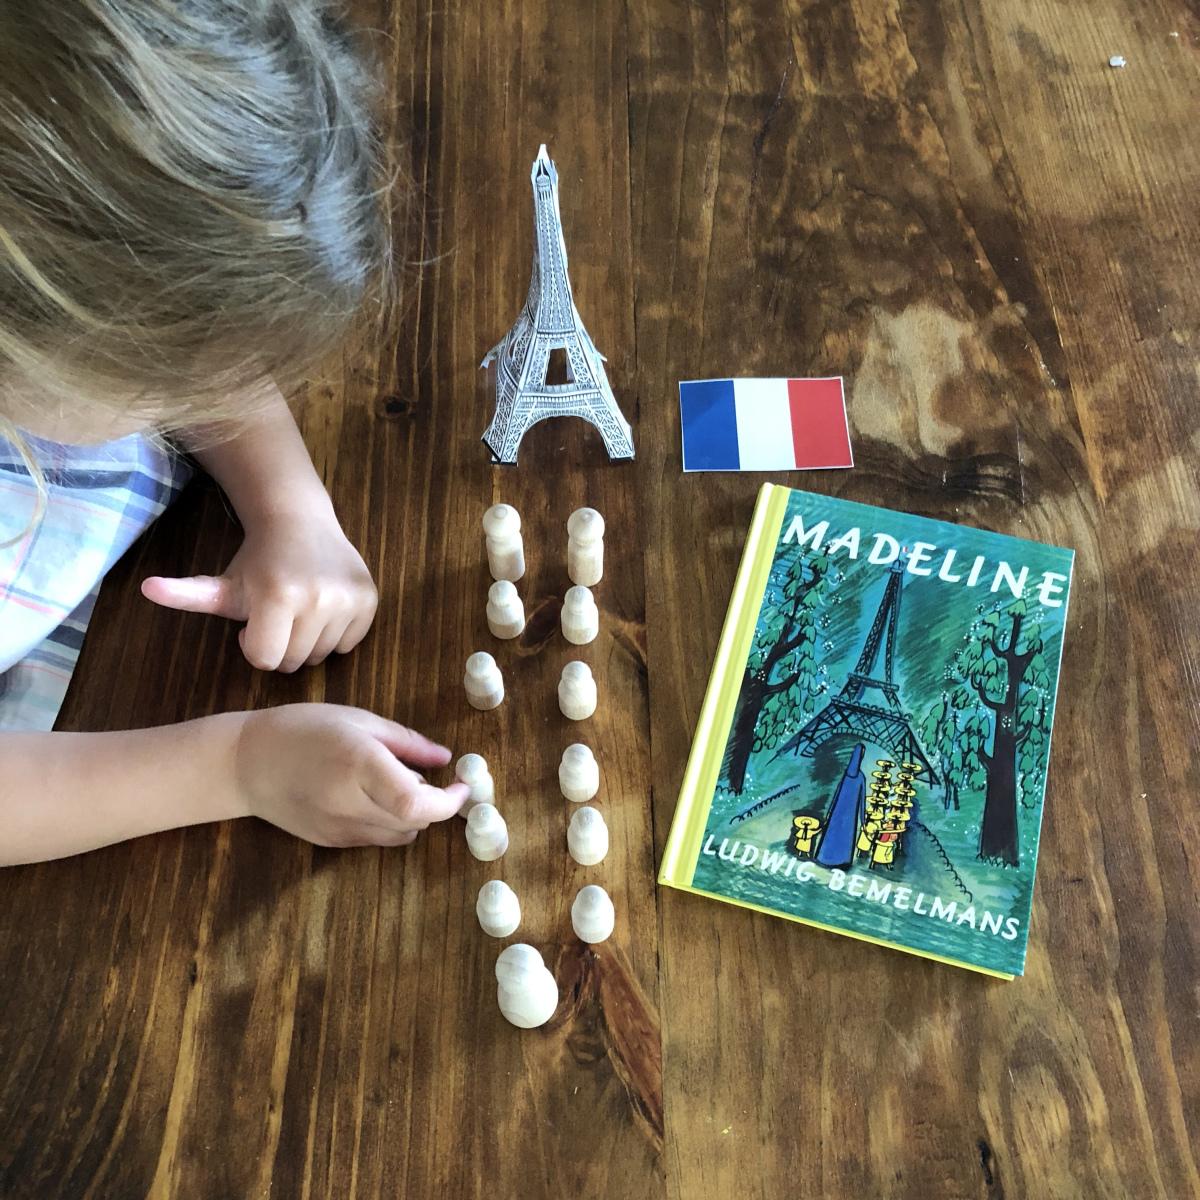 Madeline (FIAR)